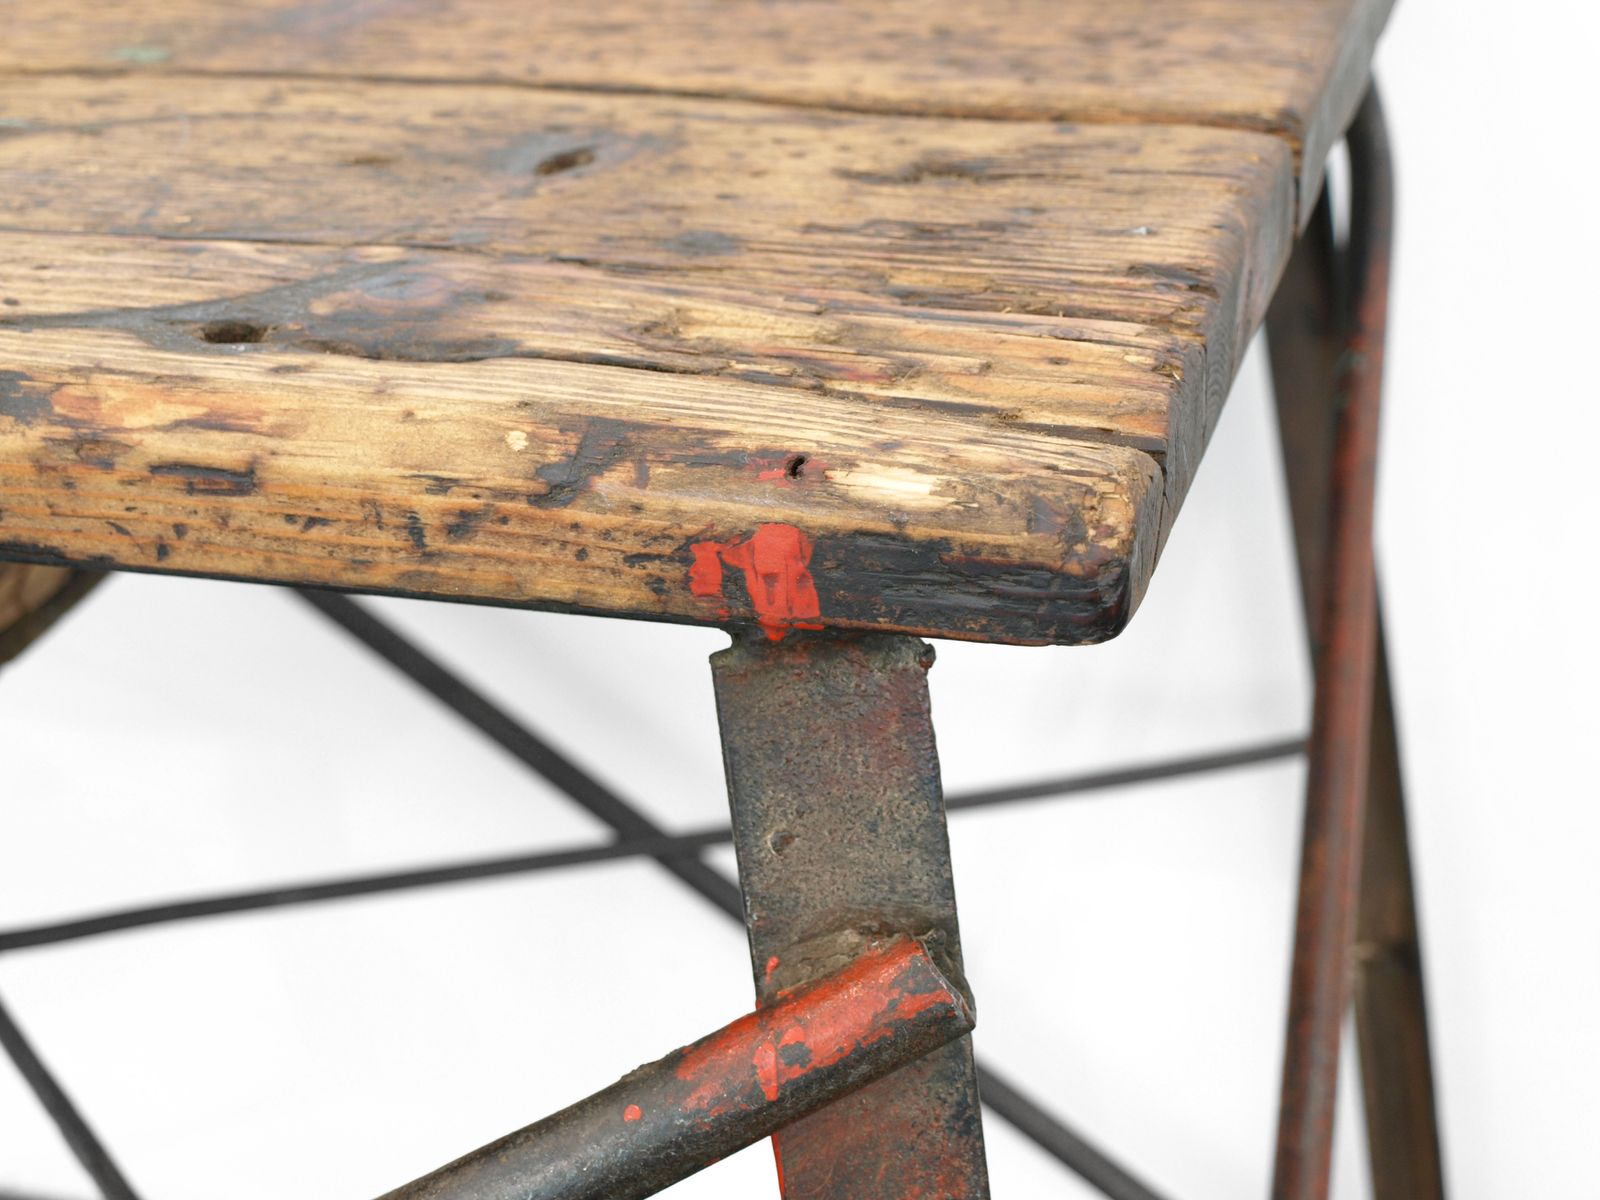 industrielle deutsche vintage werkbank aus holz metall bei pamono kaufen. Black Bedroom Furniture Sets. Home Design Ideas